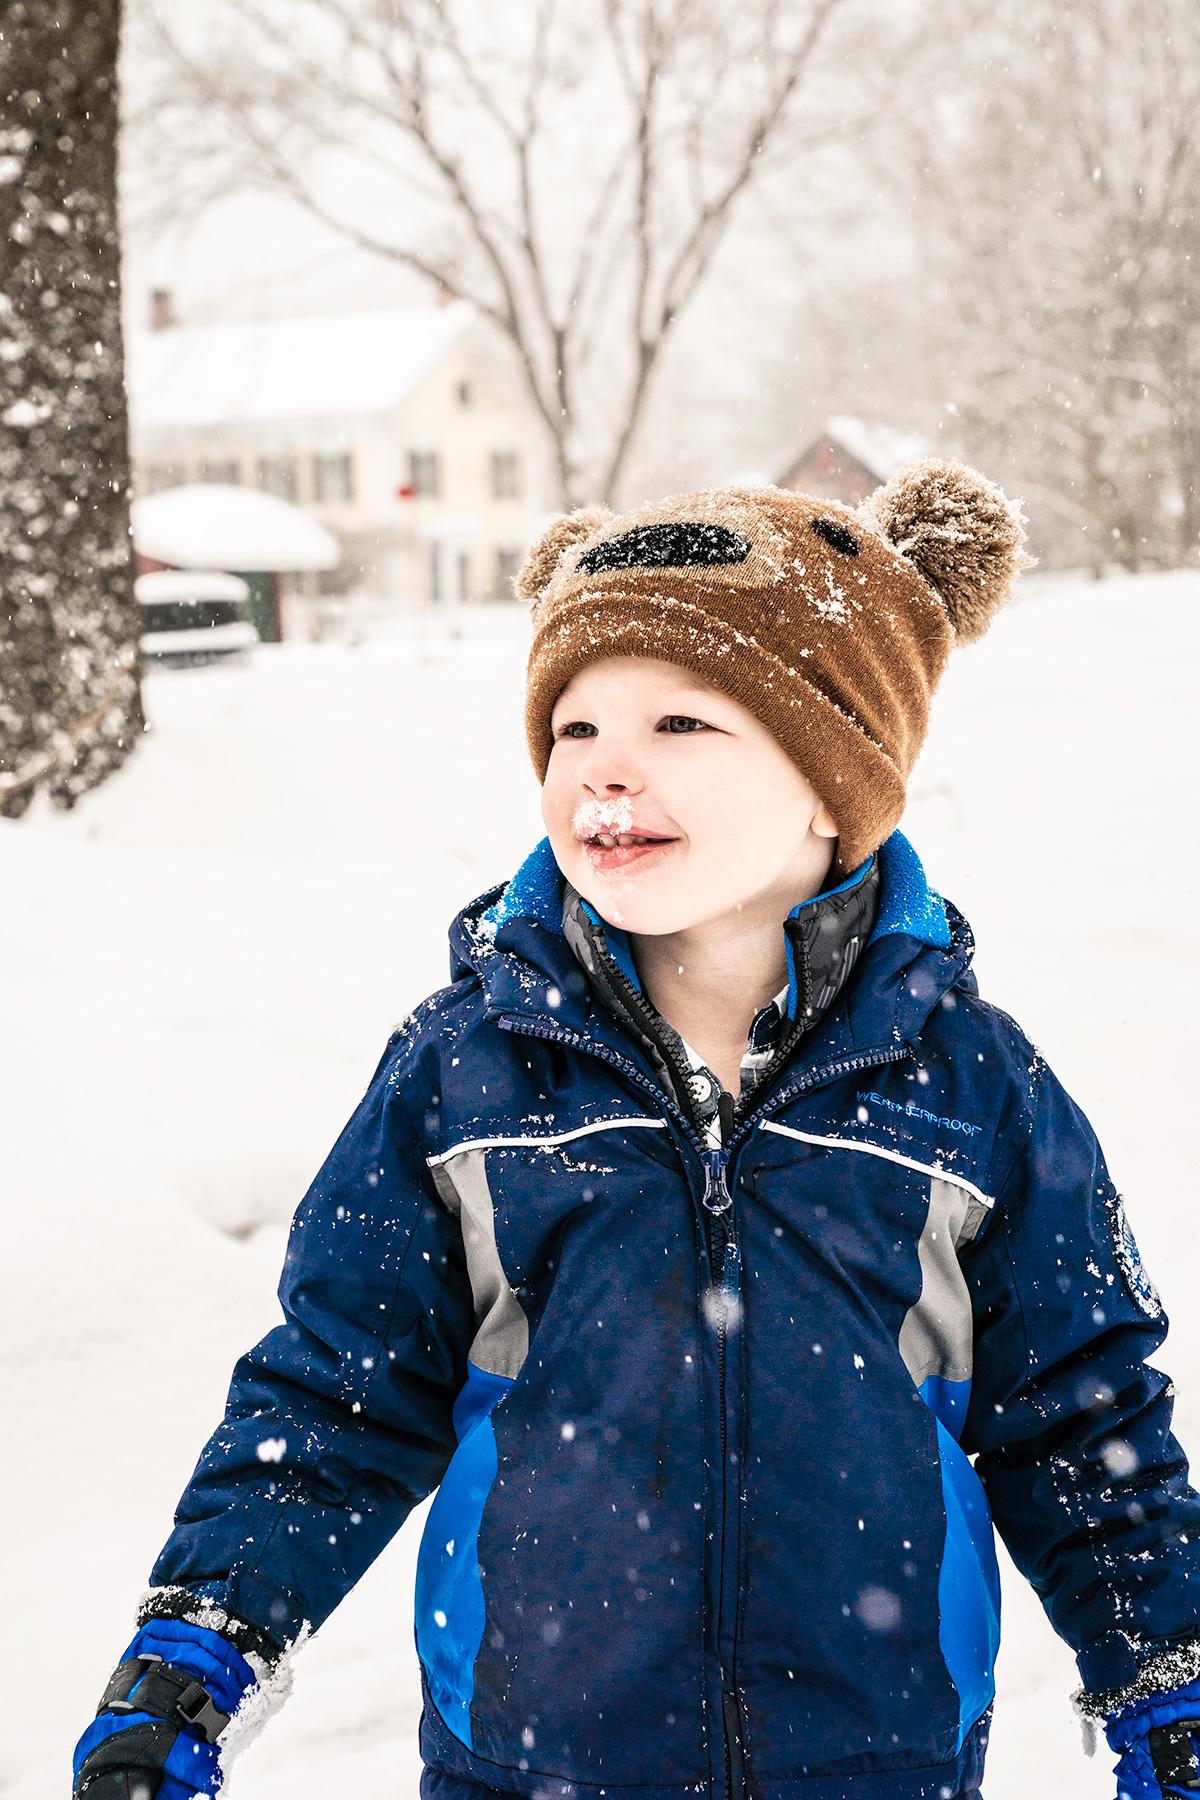 Snowy-Day-Woodstock-Vermont